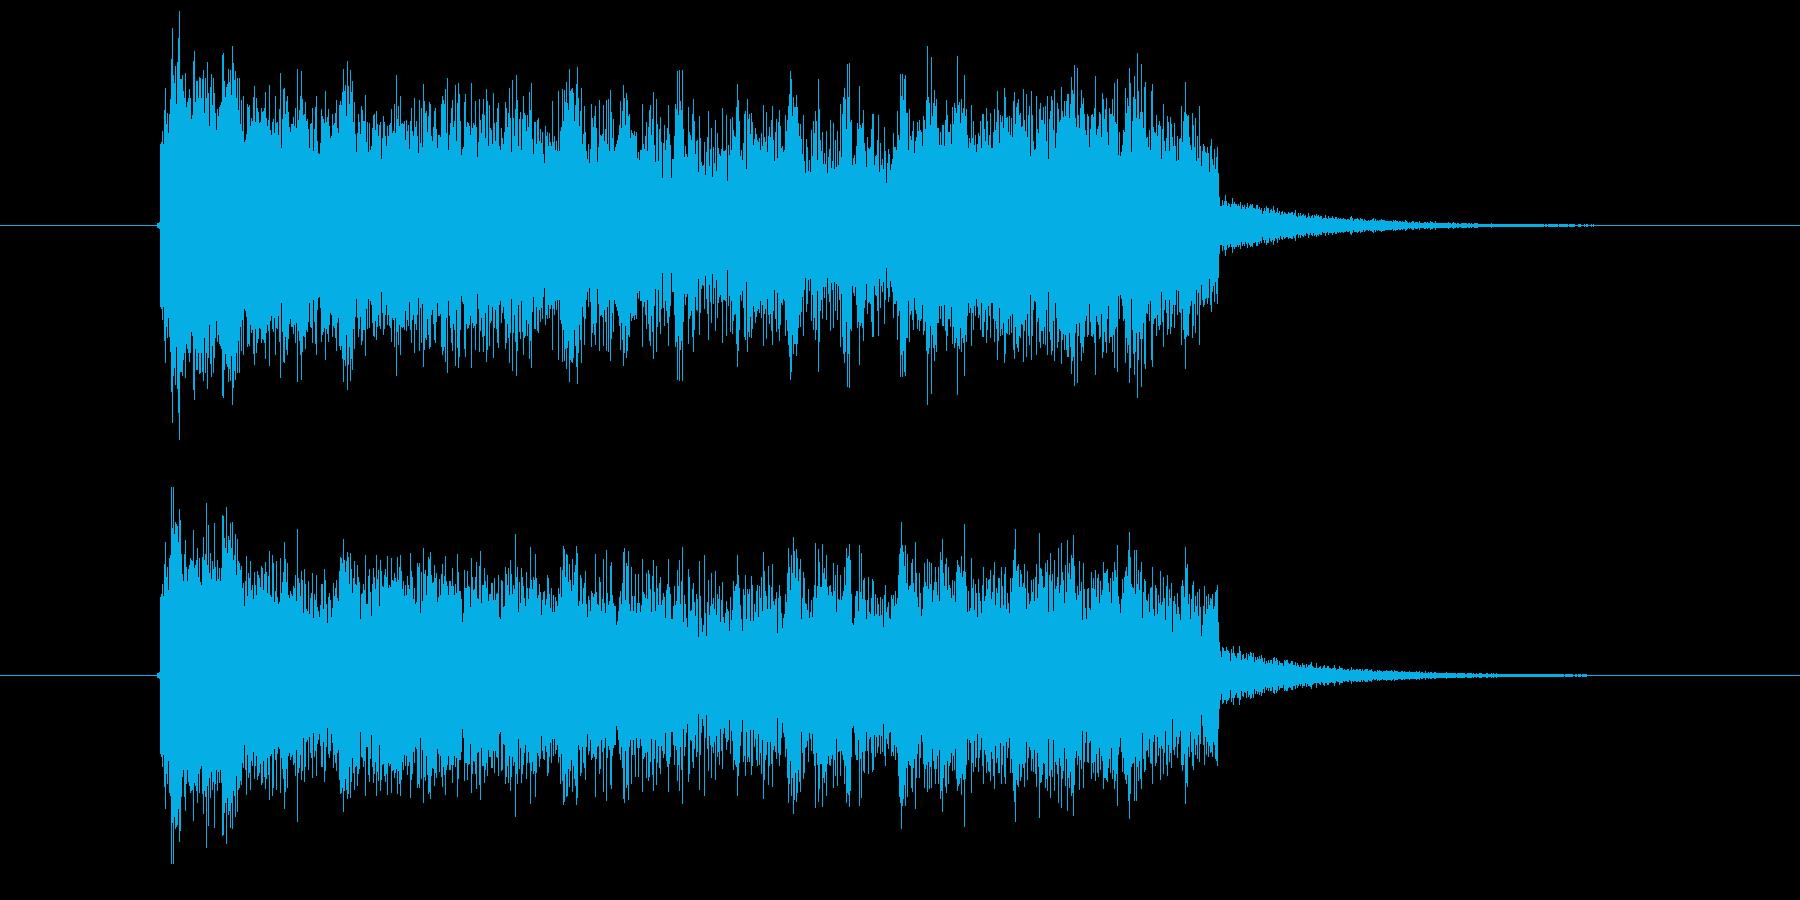 激しく勢いのあるギターシンセサウンド短めの再生済みの波形